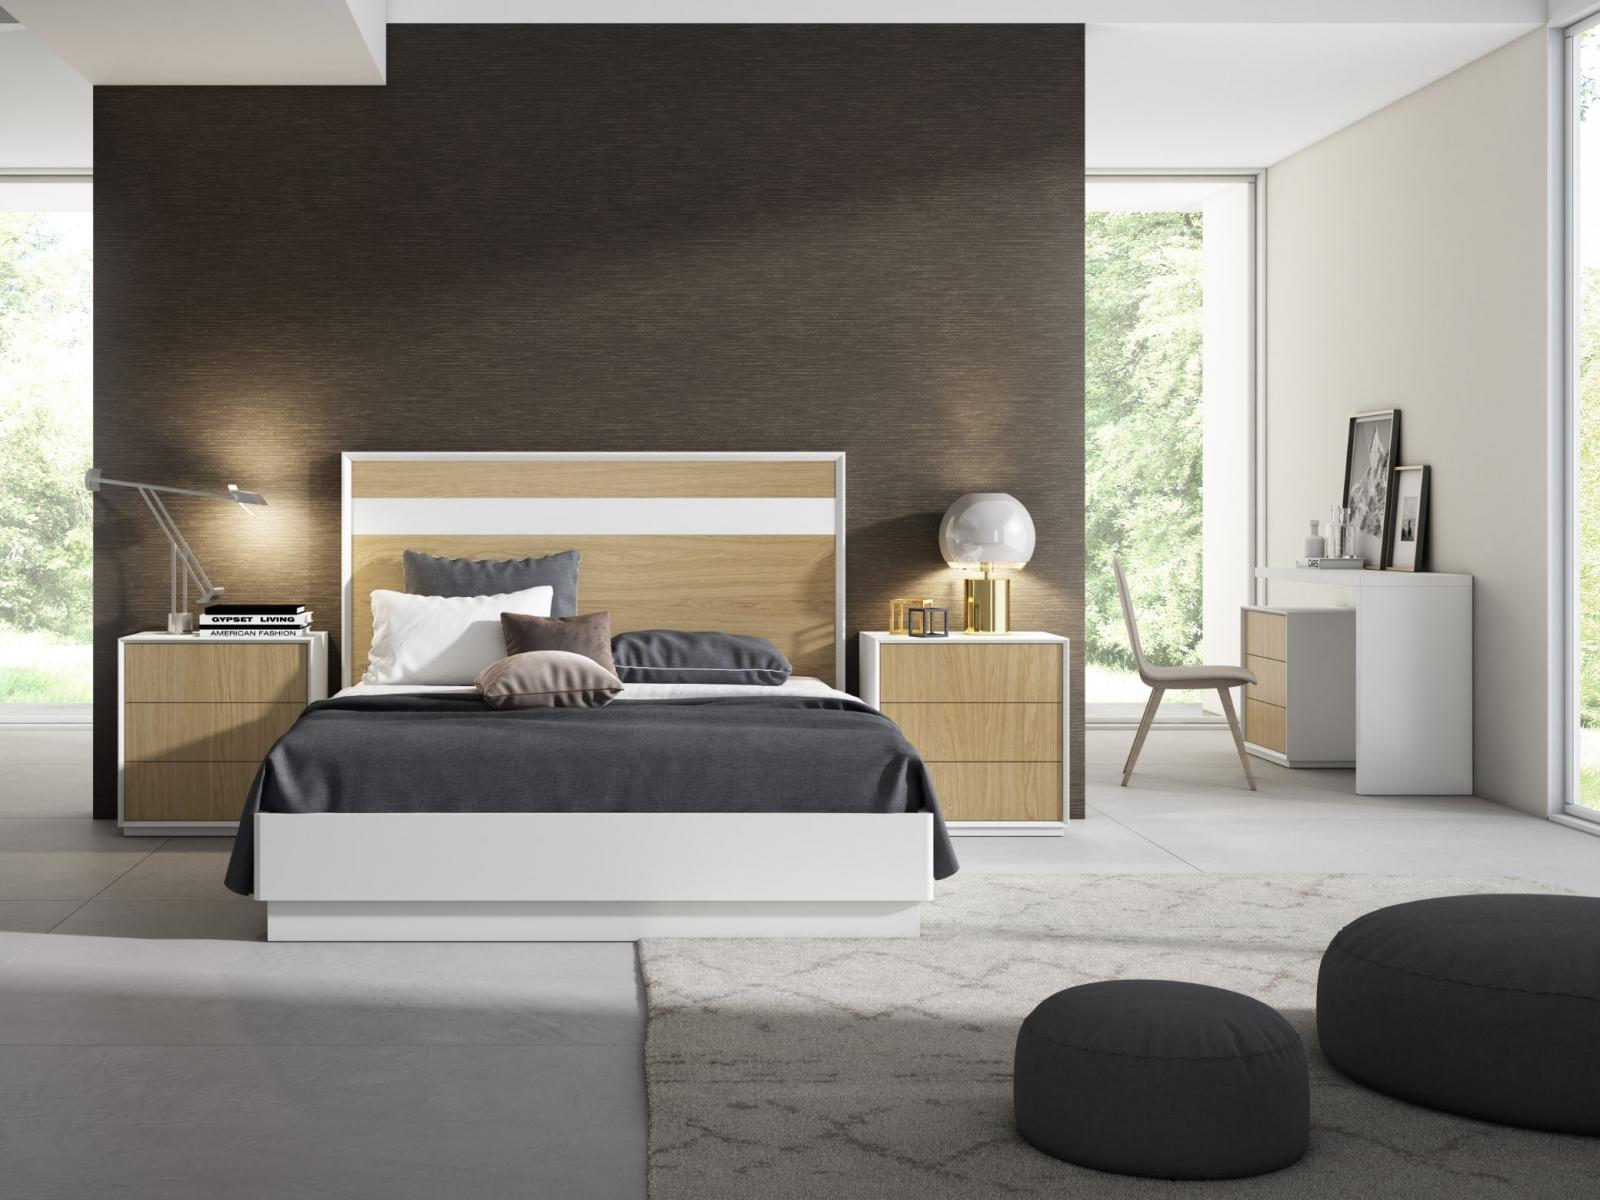 Conjunto de Dormitorio FINE-3 - Conjunto de Dormitorio FINE-3